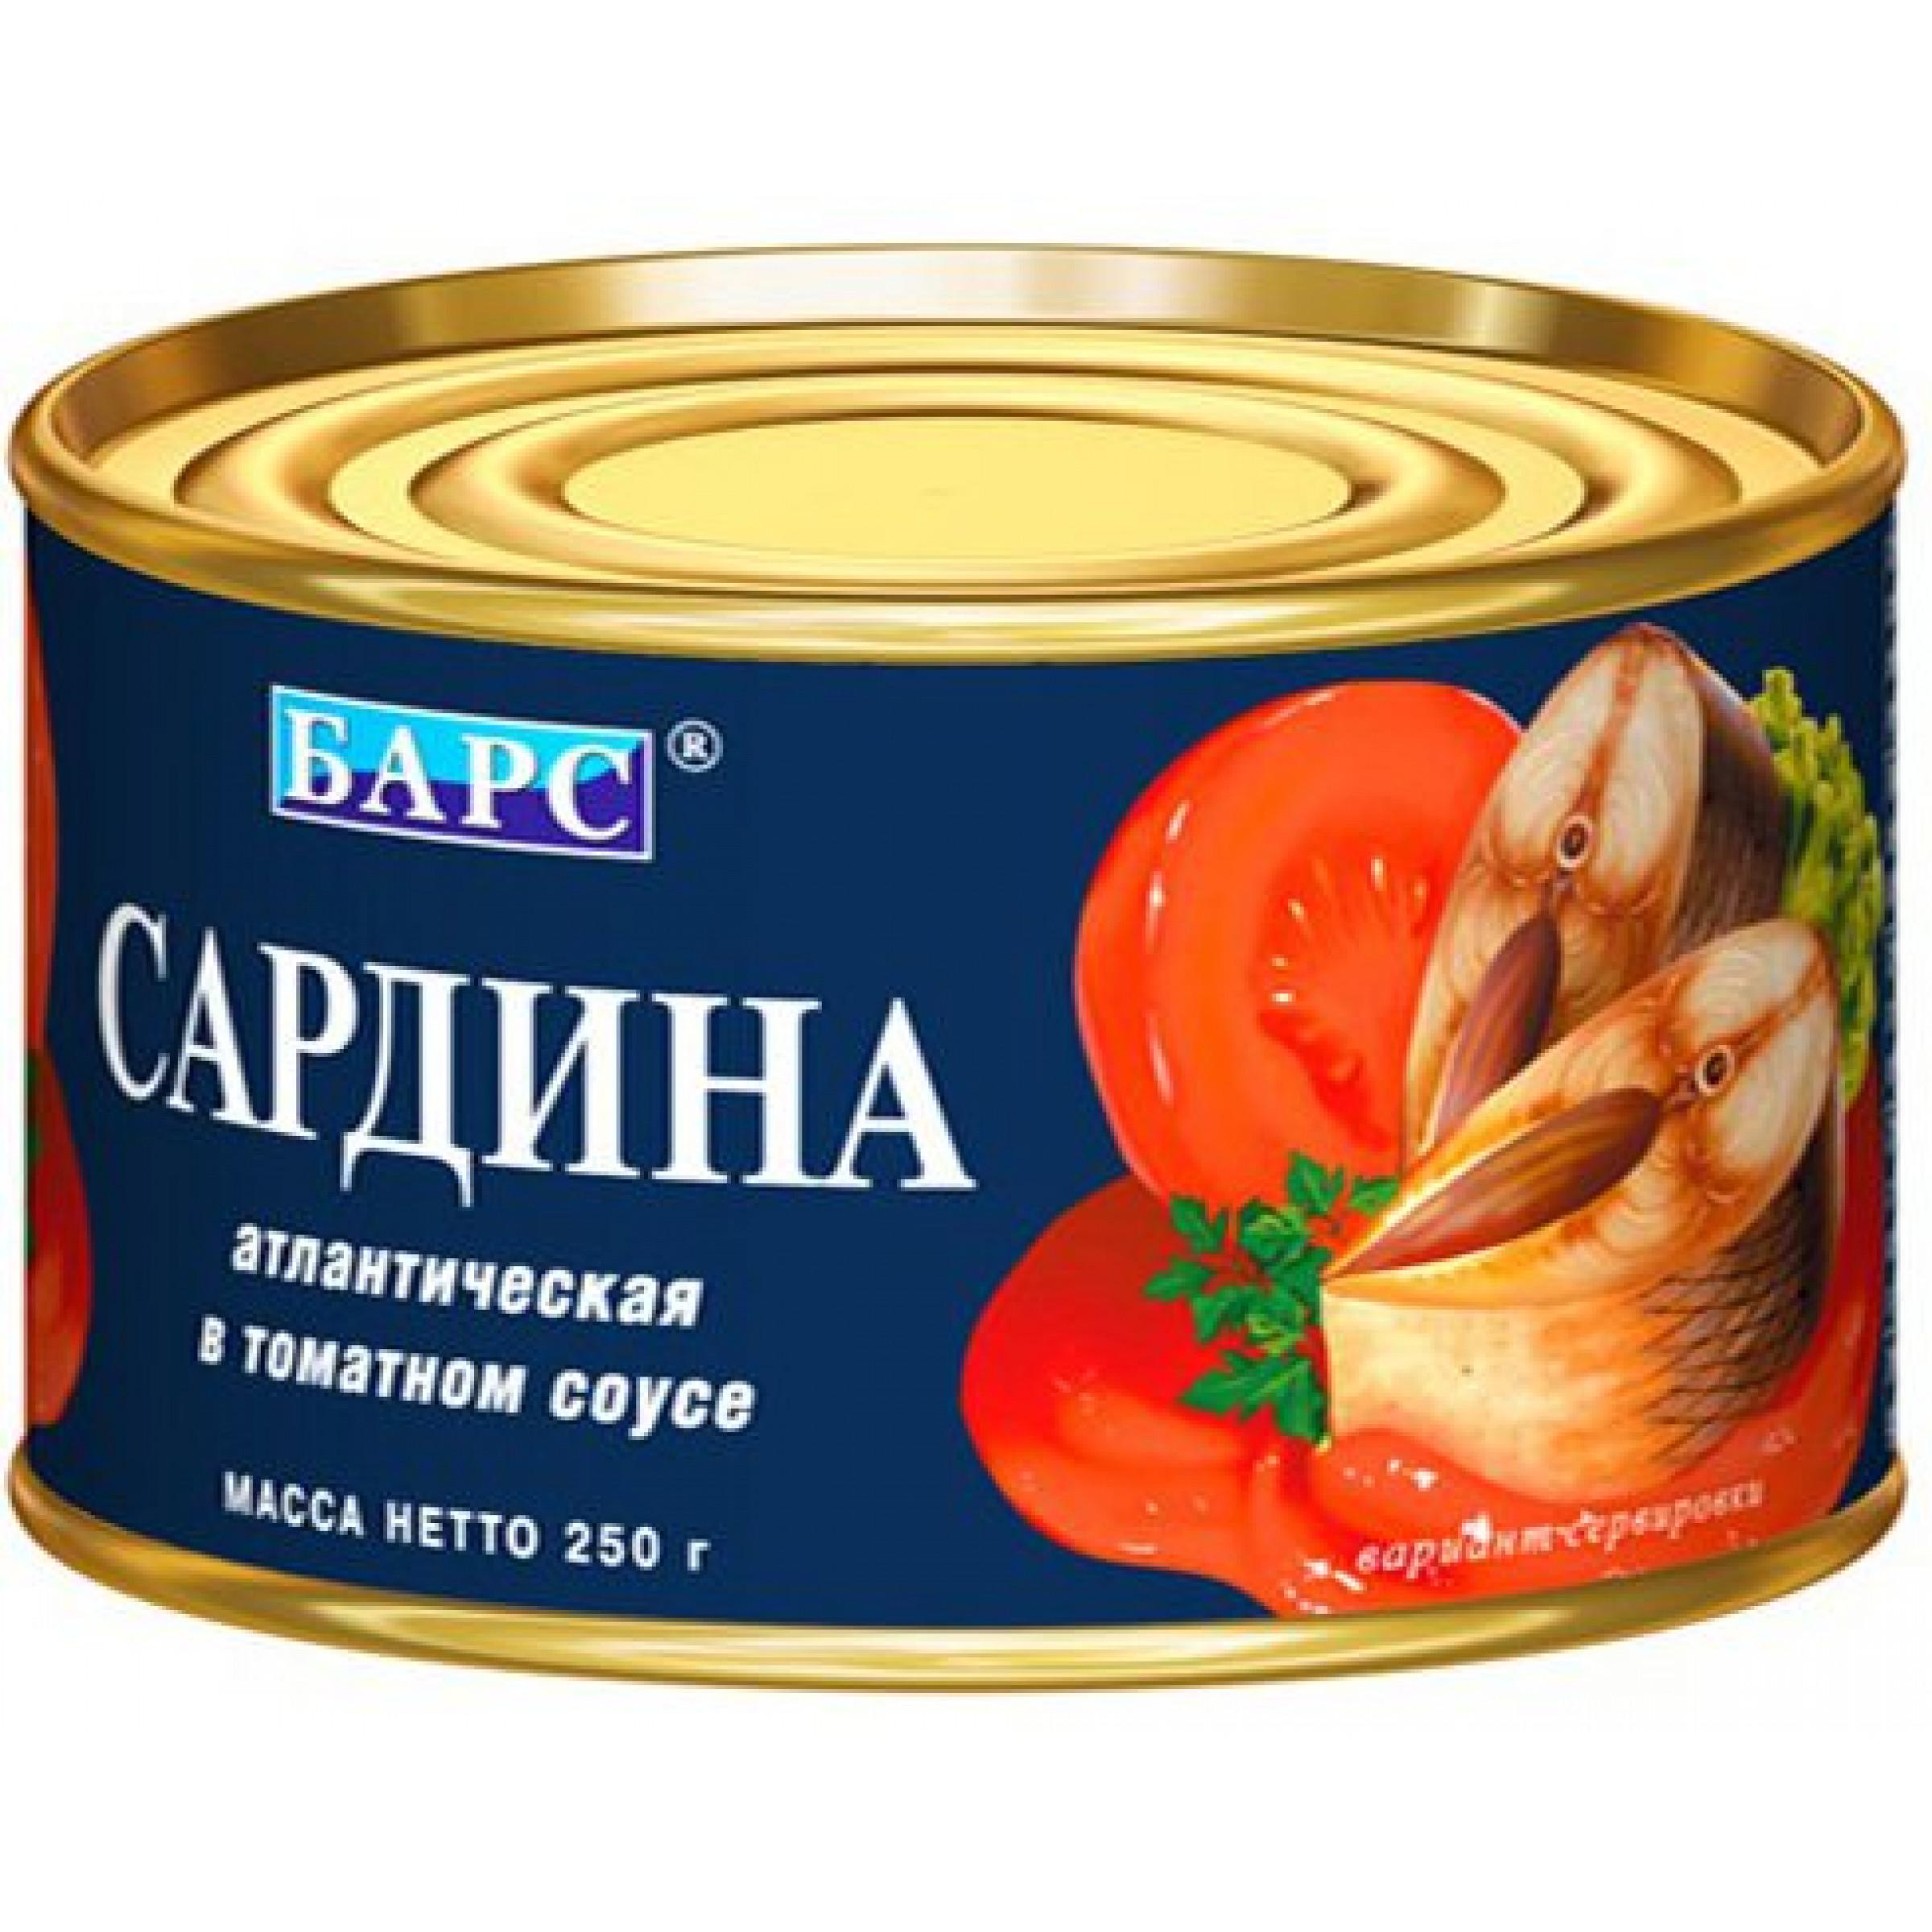 Cардина атлантическая в томатном соусе Барс, 250гр